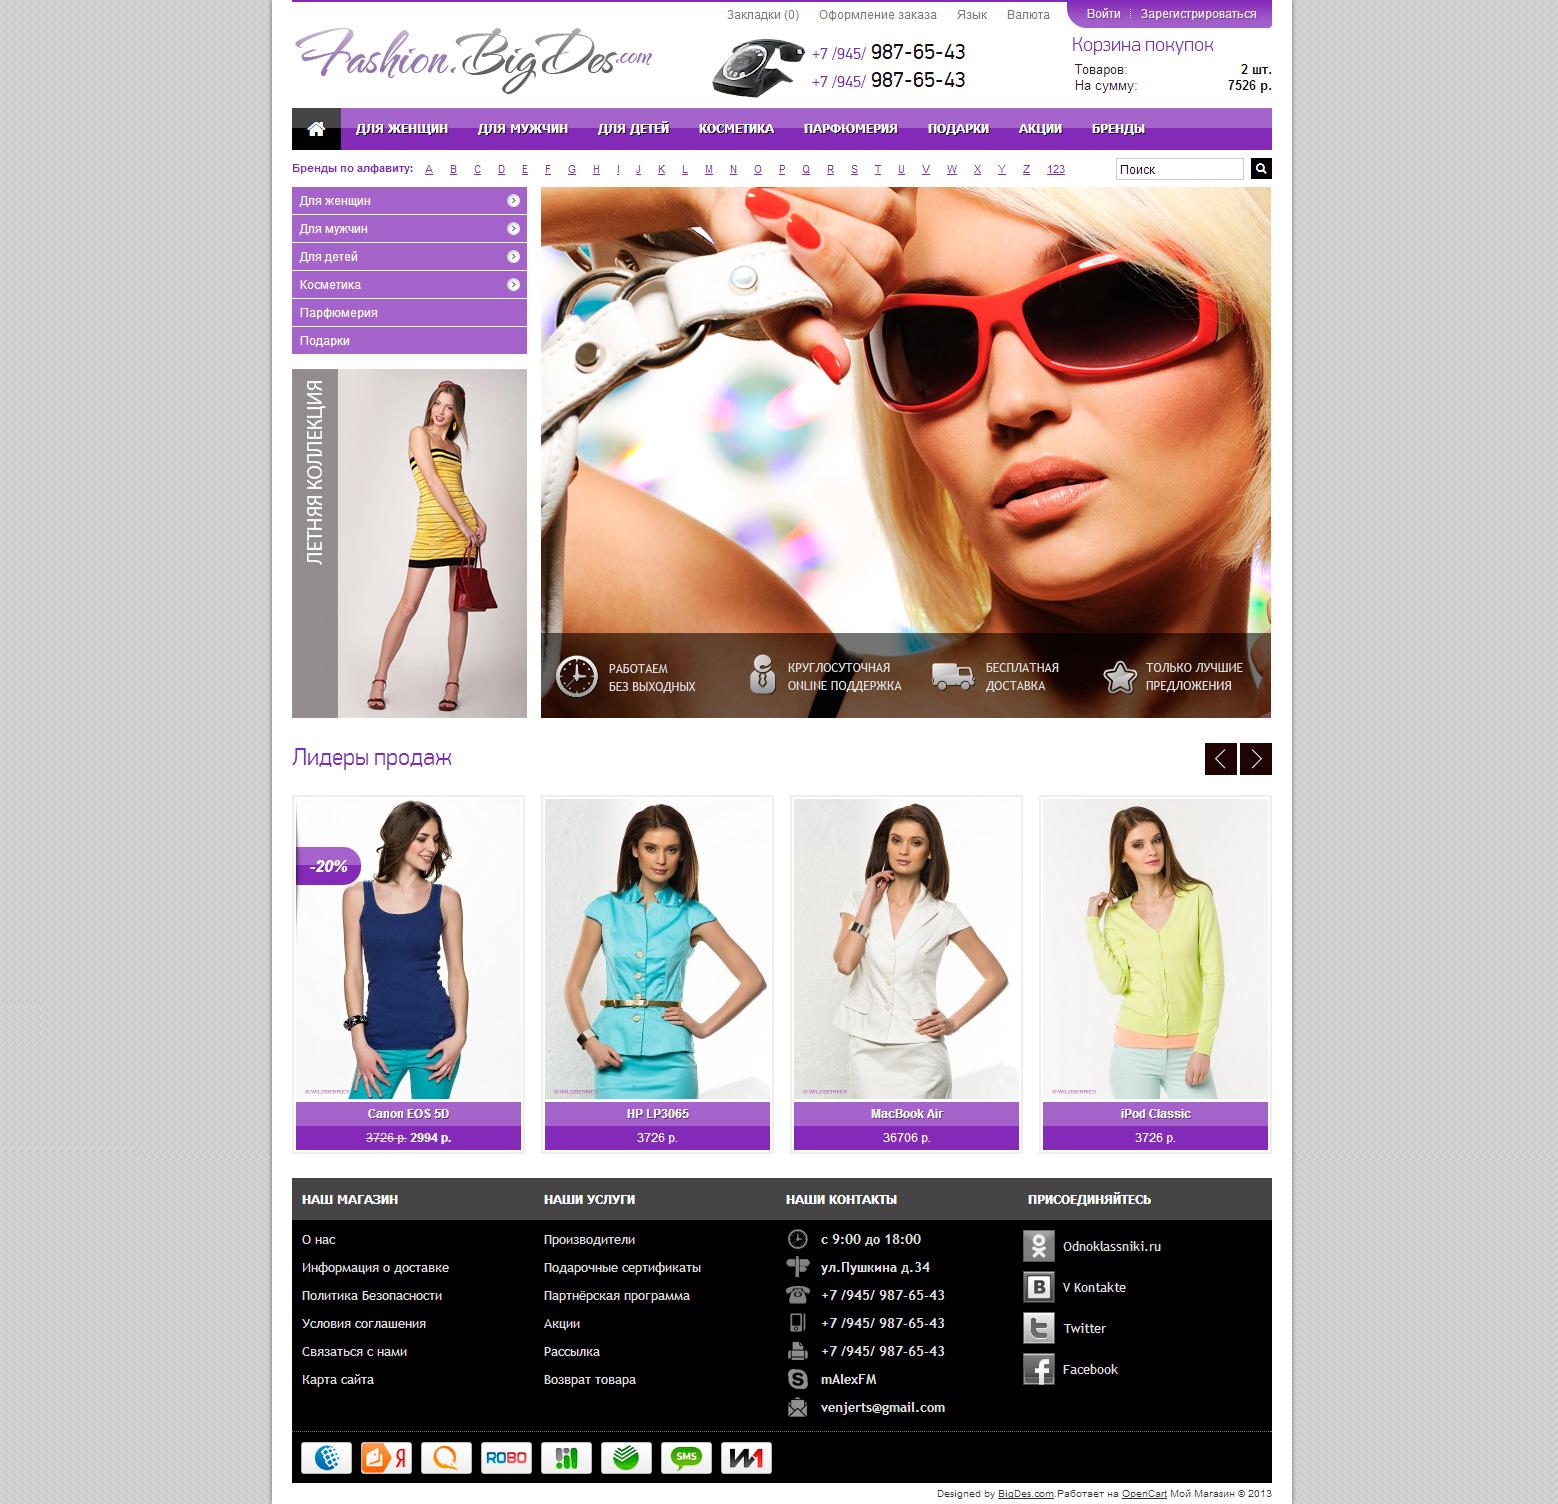 интернет магазин модной немецкой одежды: